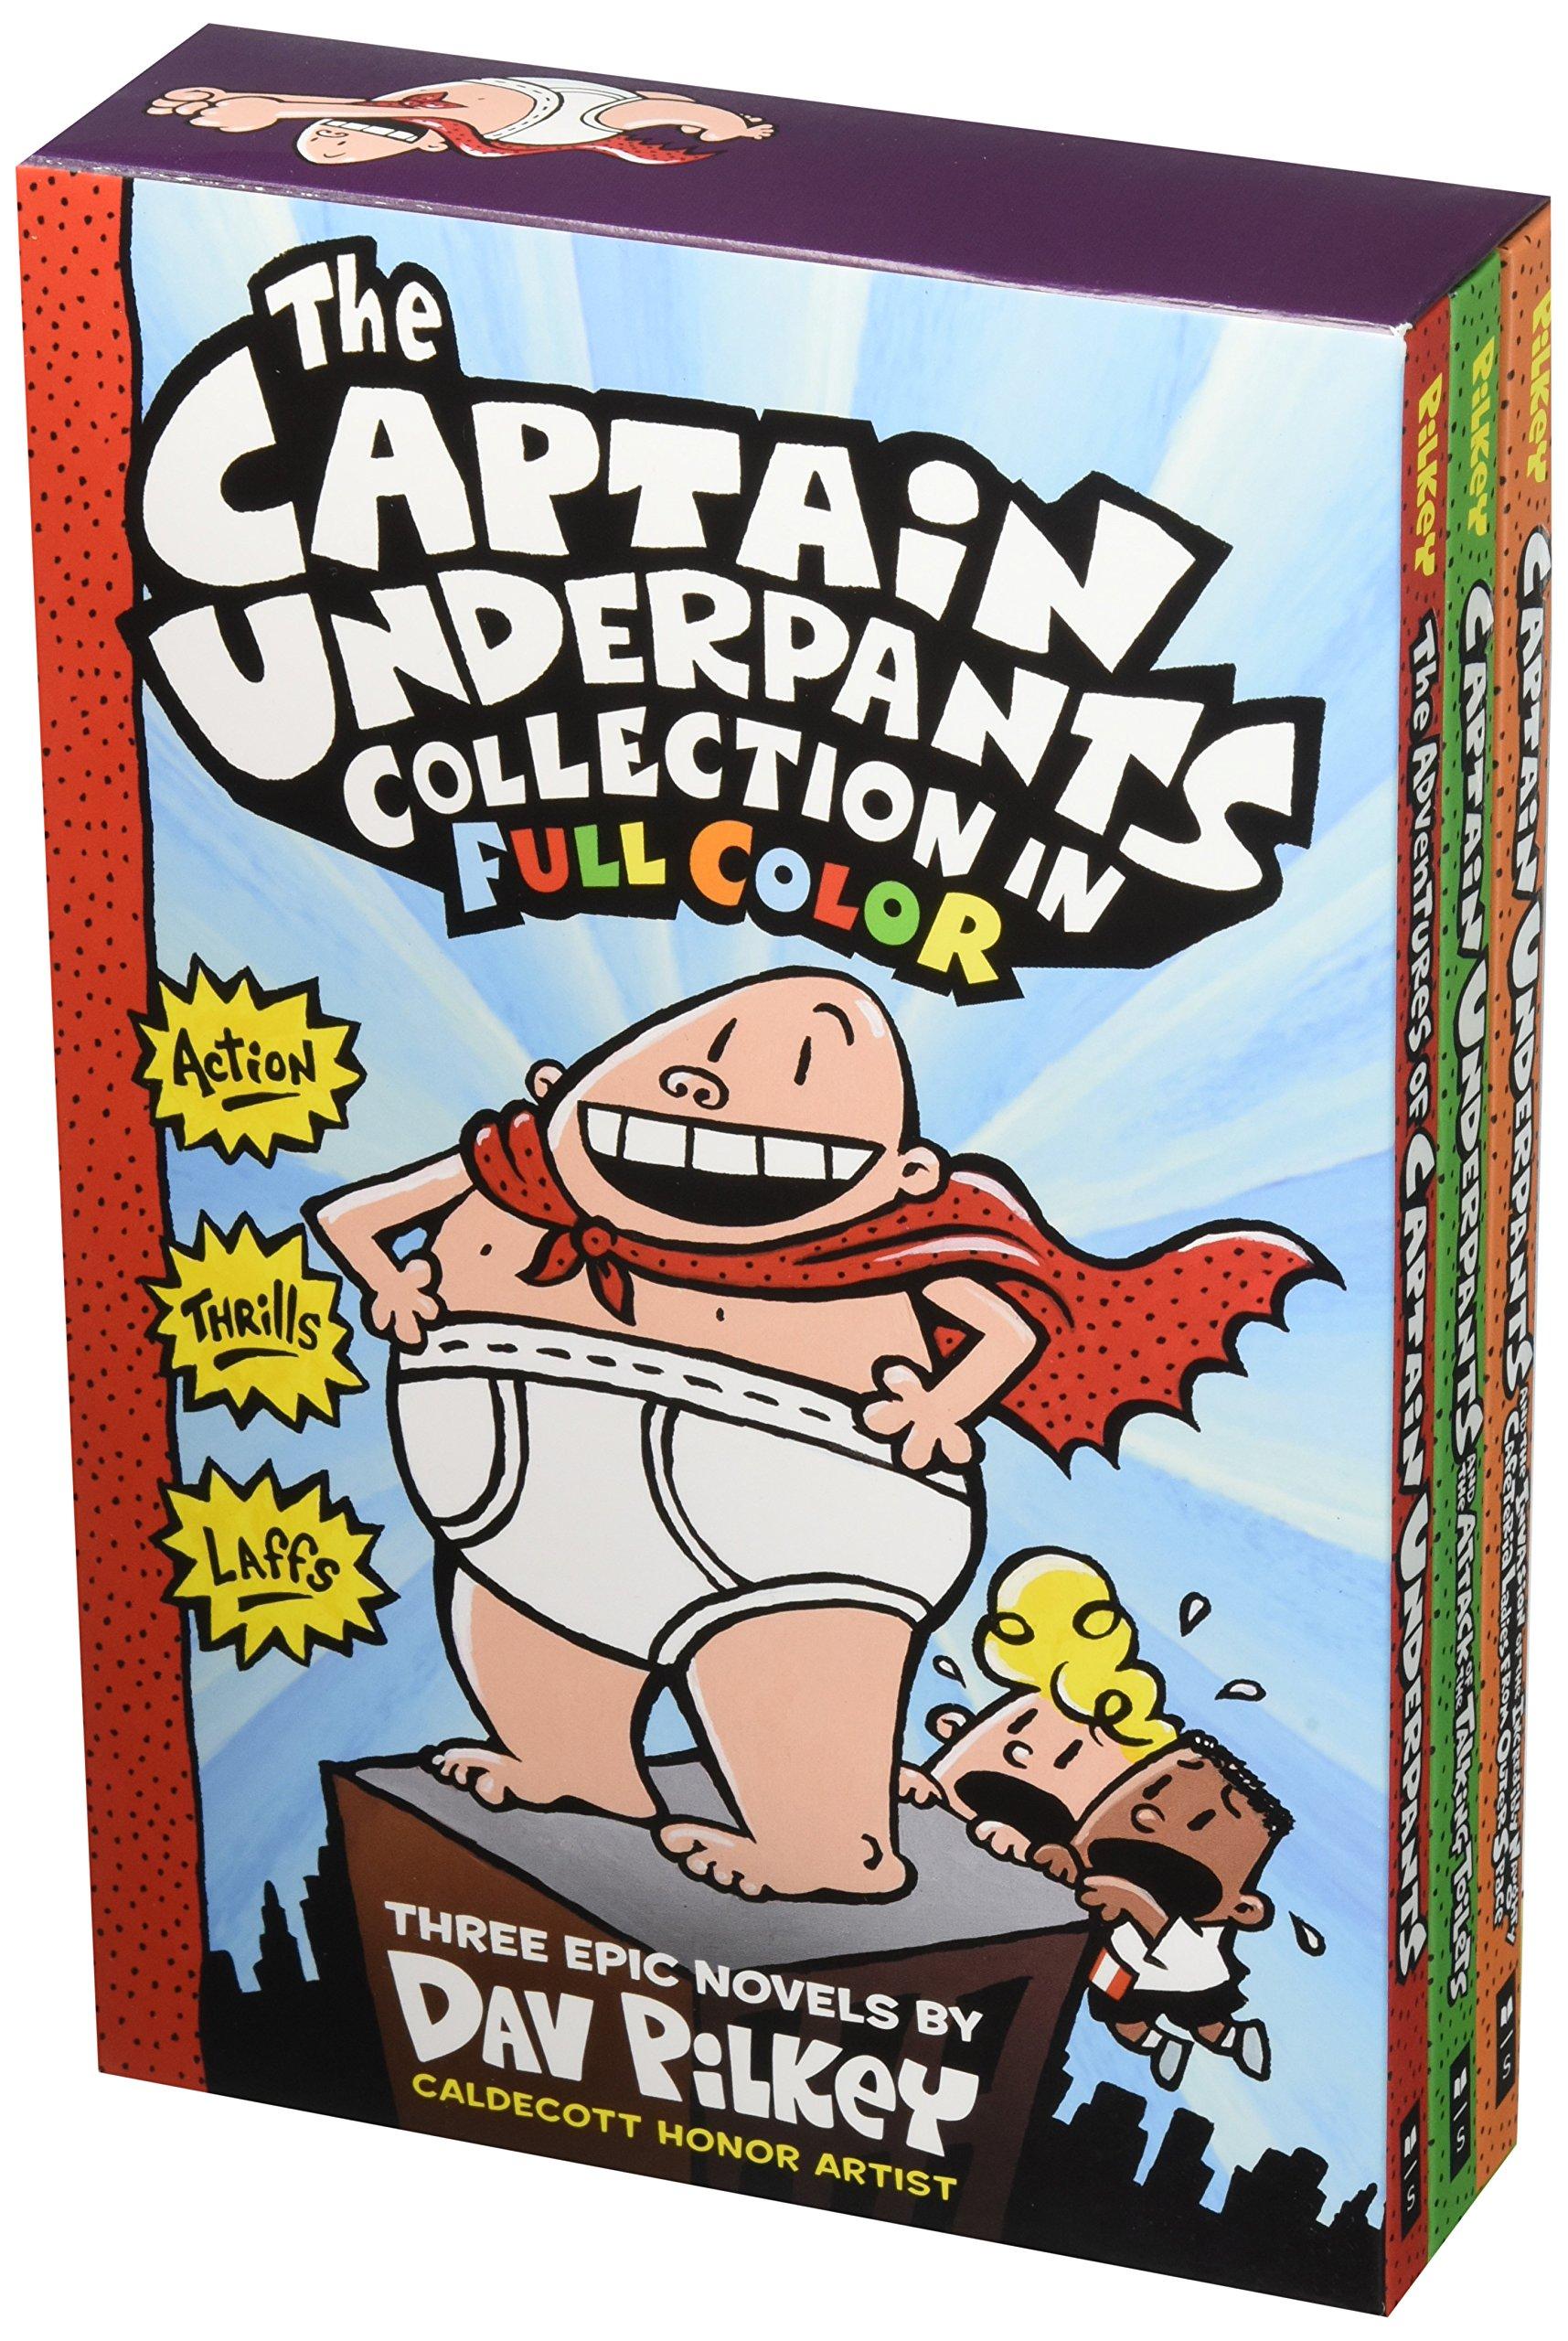 Captain Underpants Color Collection Captain Underpants: Amazon.es: Dav Pilkey: Libros en idiomas extranjeros